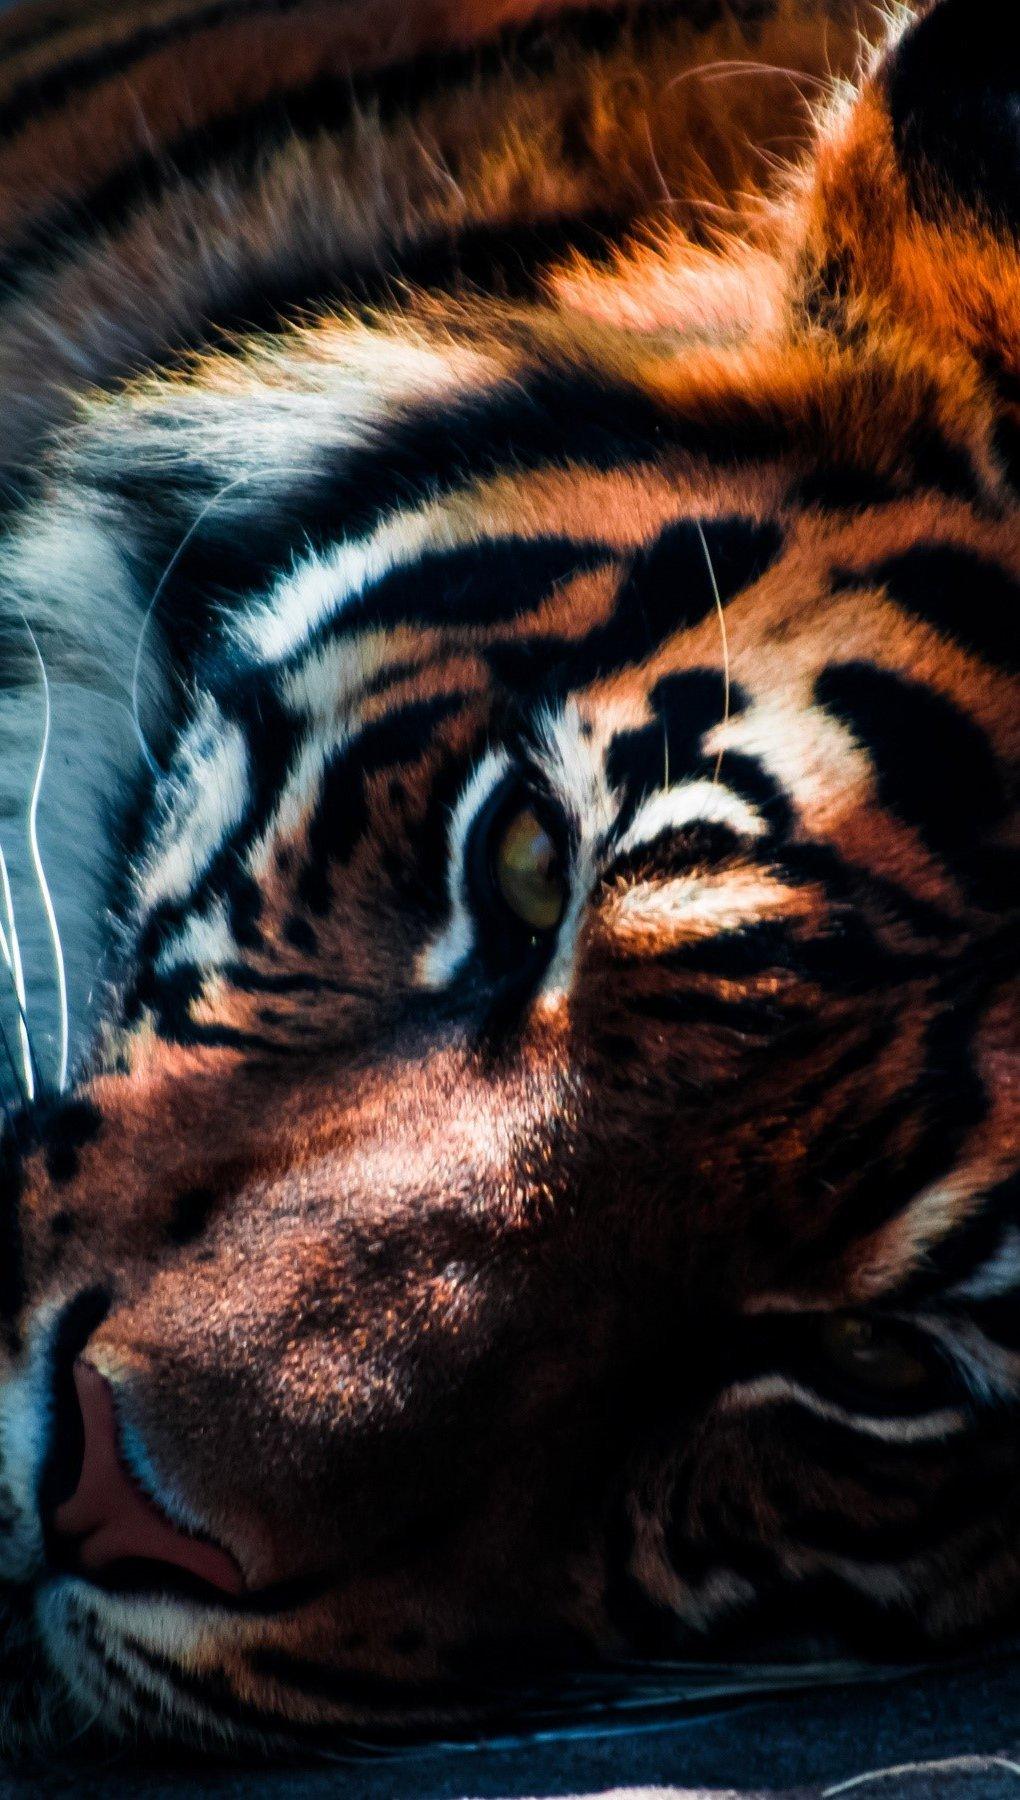 Fondos de pantalla Acercamieto a un tigre Vertical